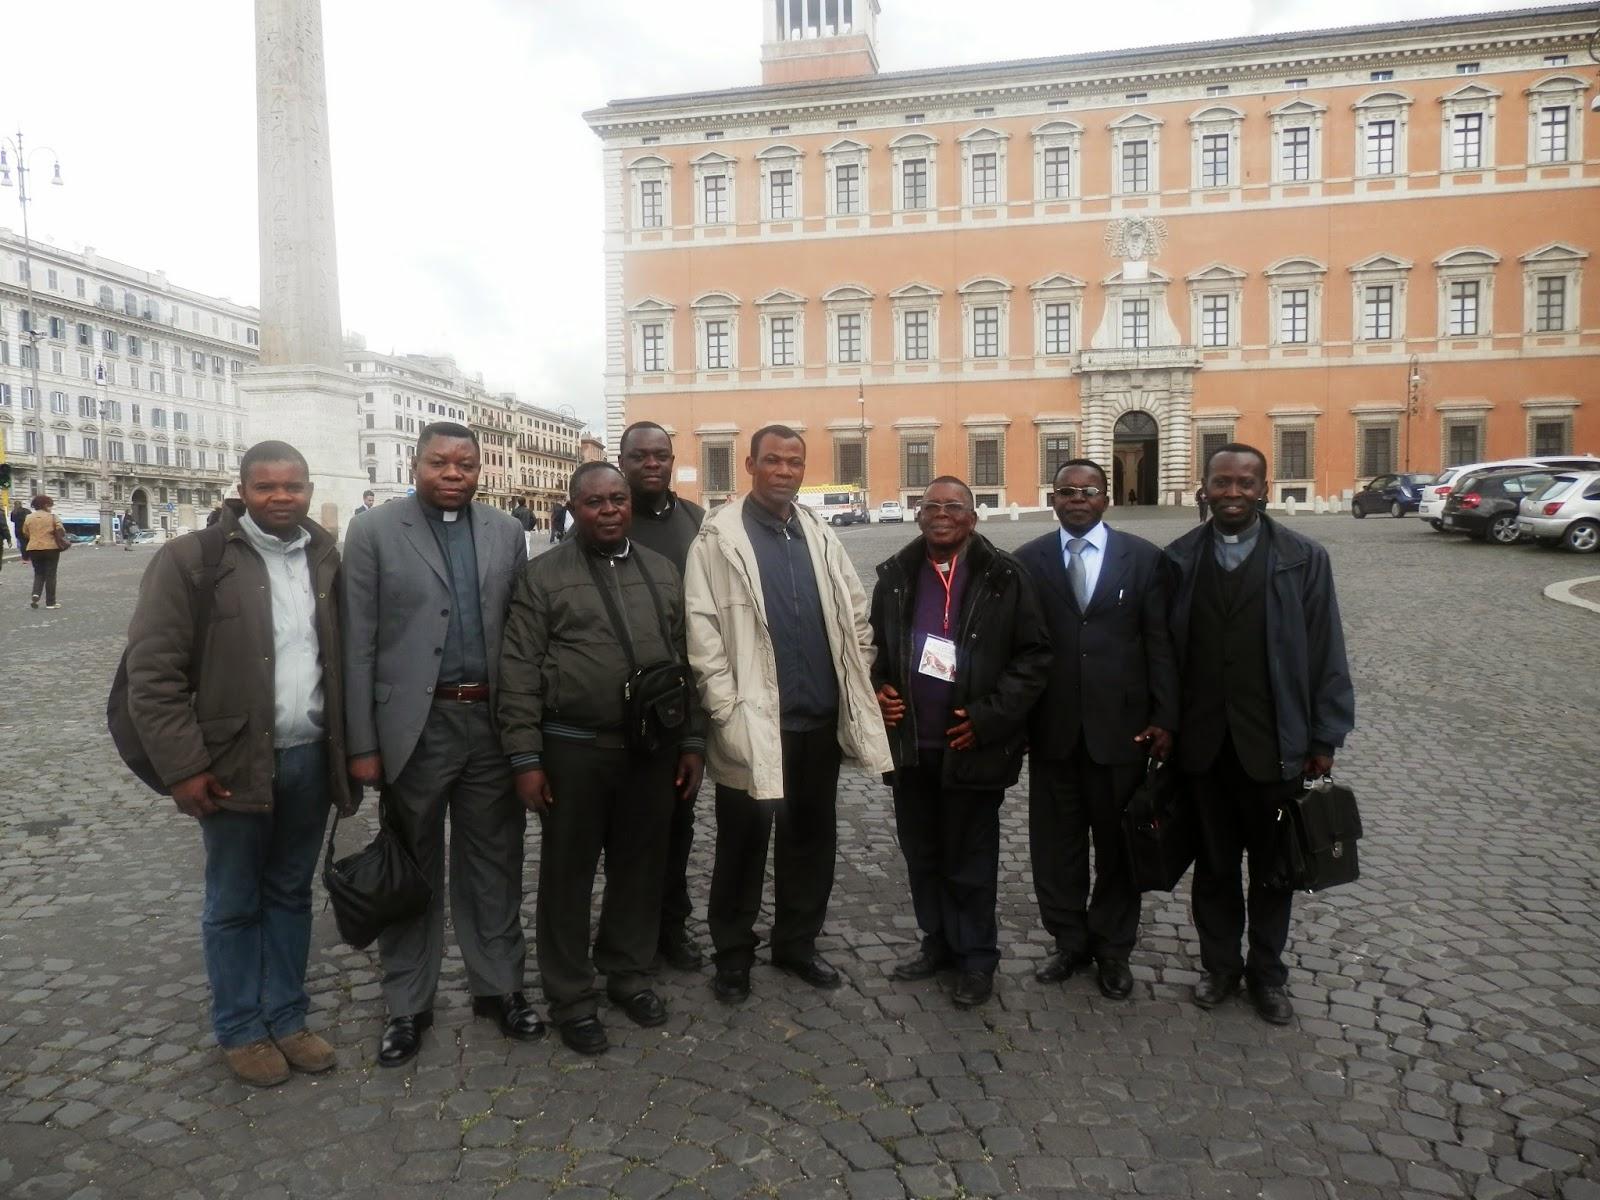 Photo rencontre des deux papes